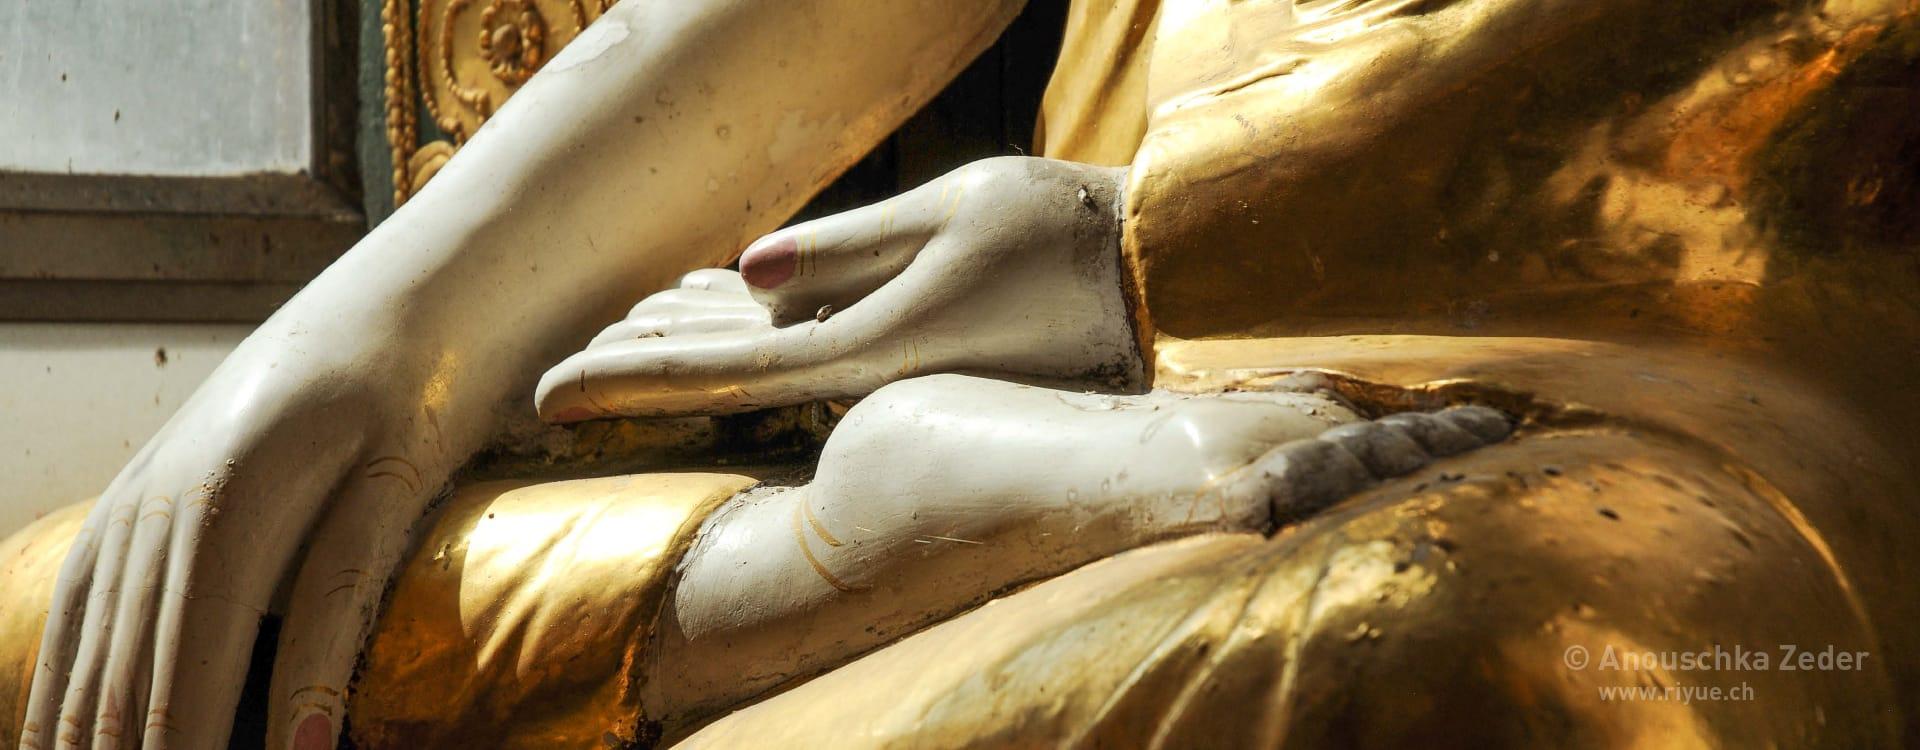 riyue – Fussreflexzonenmassage – Buddha Myanmar